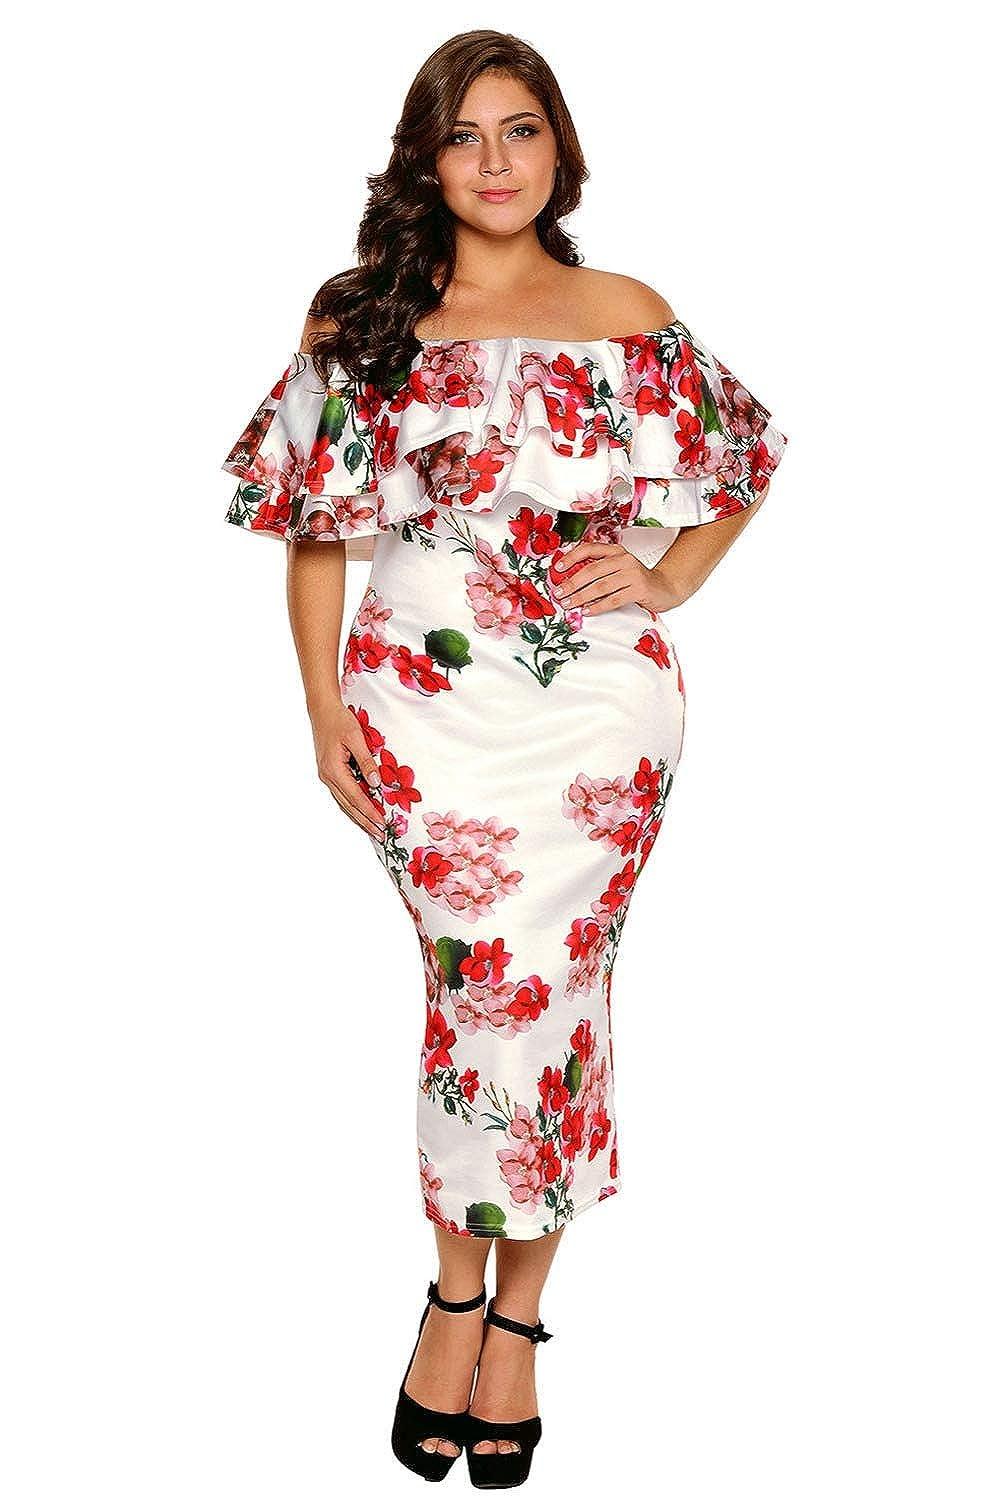 Vestidos XXL Tallas Grandes Plus Ropa De Moda para Mujer Sexys Casuales Largos De Fiesta Elegantes Blancos Rojos VE0075 at Amazon Womens Clothing store: